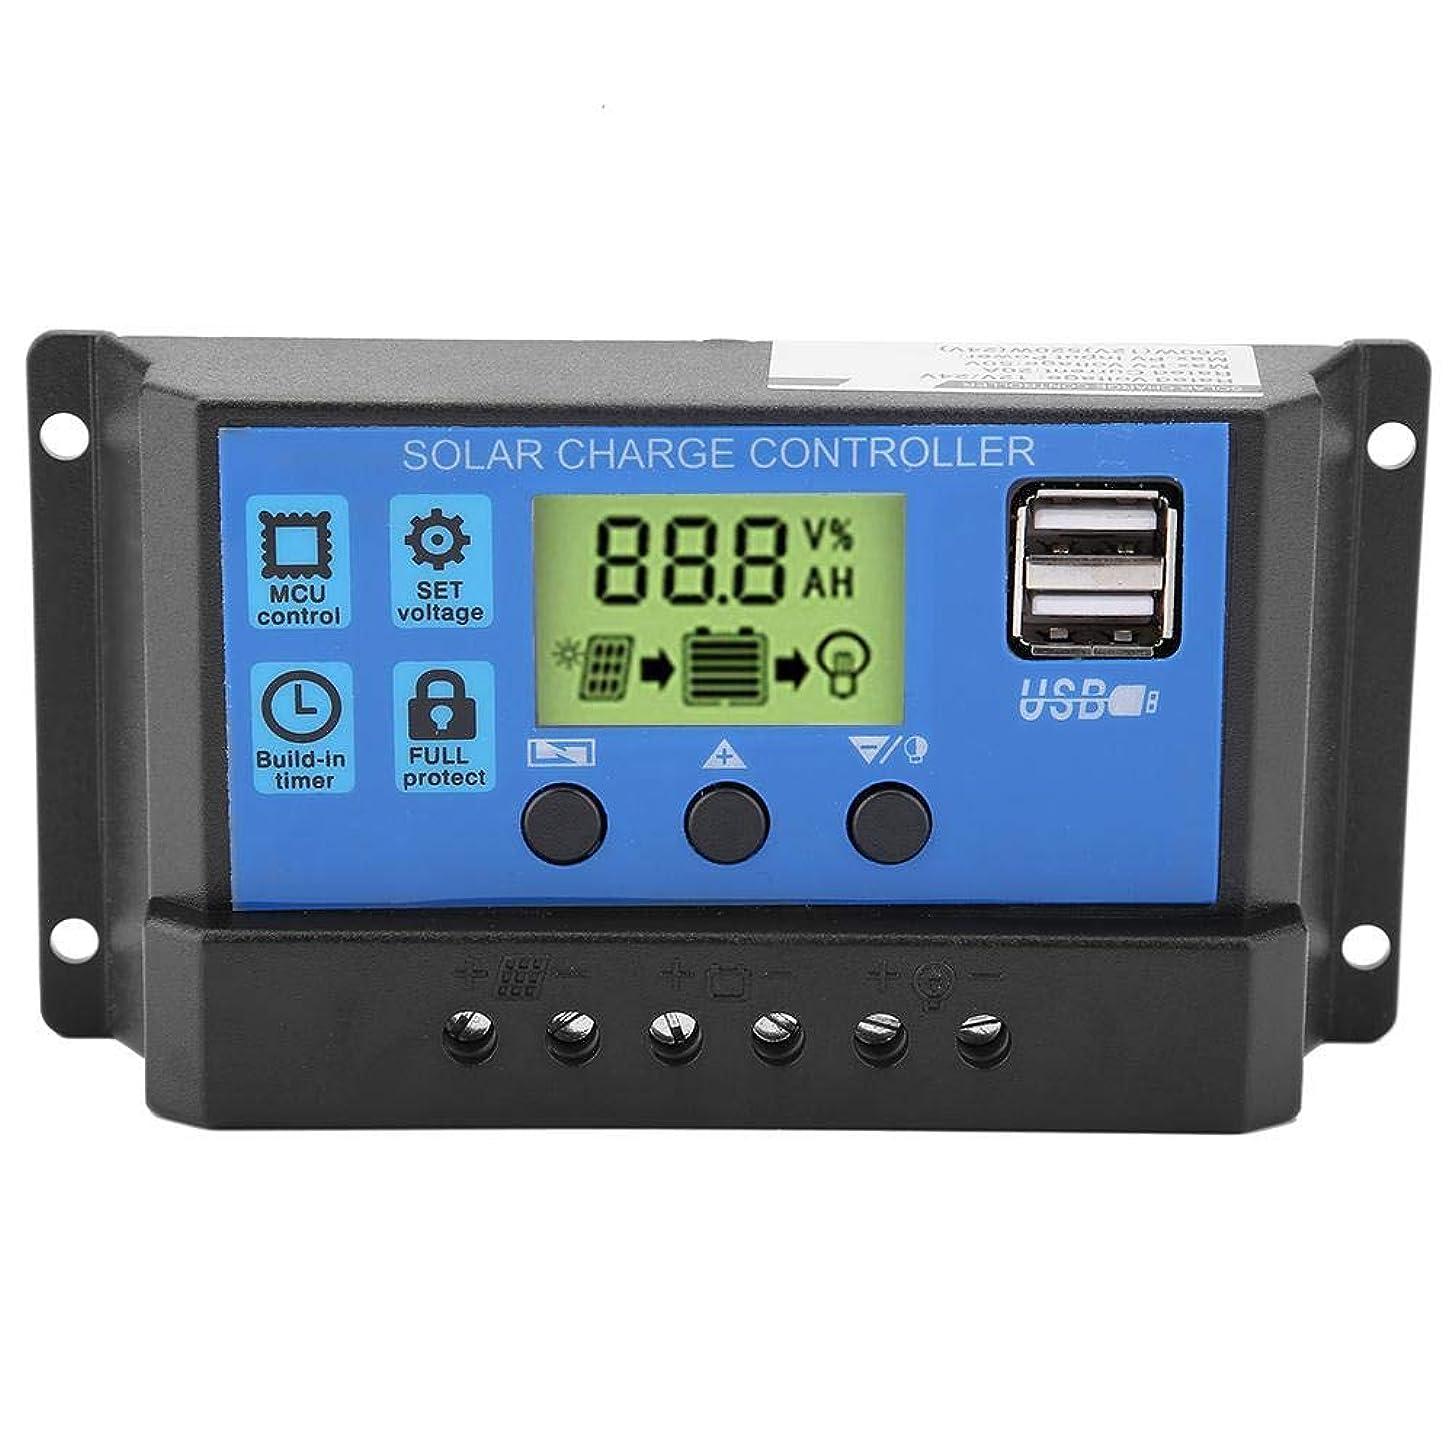 価格誇大妄想ピアース12V 24VデュアルUSBソーラーパネル充電コントローラーPWMインテリジェントバッテリーレギュレーターLCDディスプレイ過負荷保護10/20 / 30A(YJSS-20A)